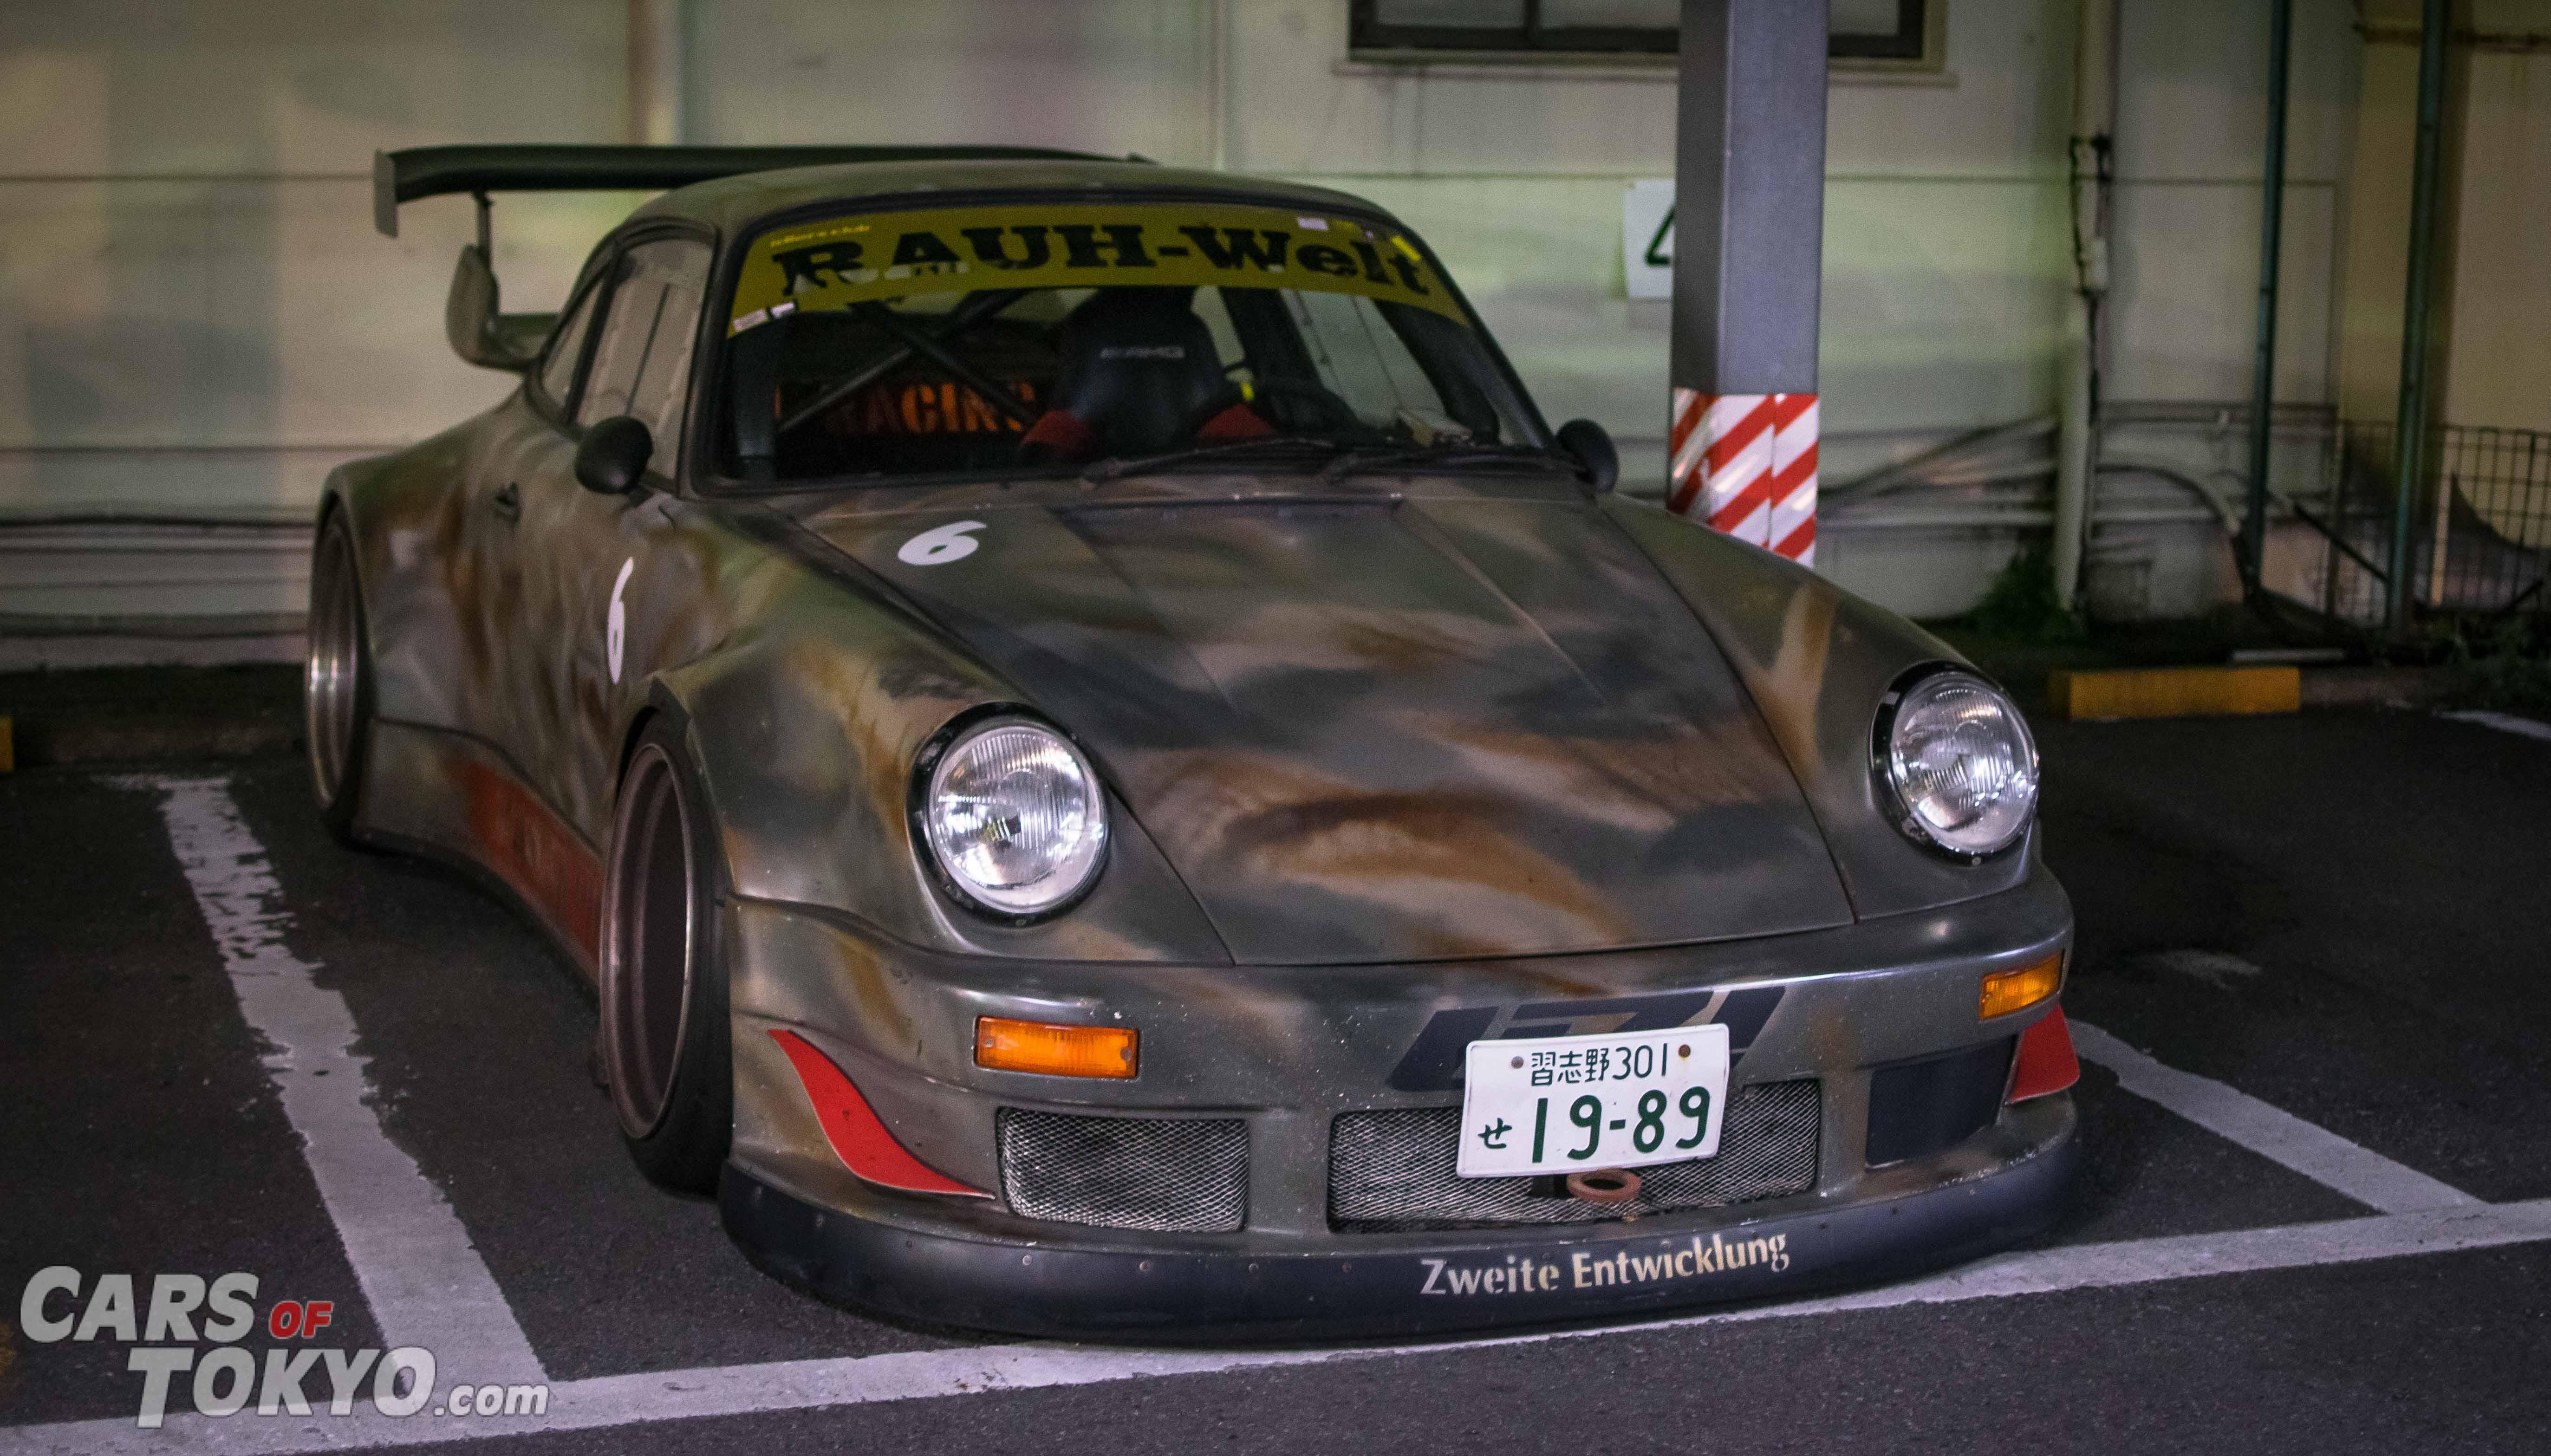 Cars of Tokyo RWB Porsche 911 Car Park